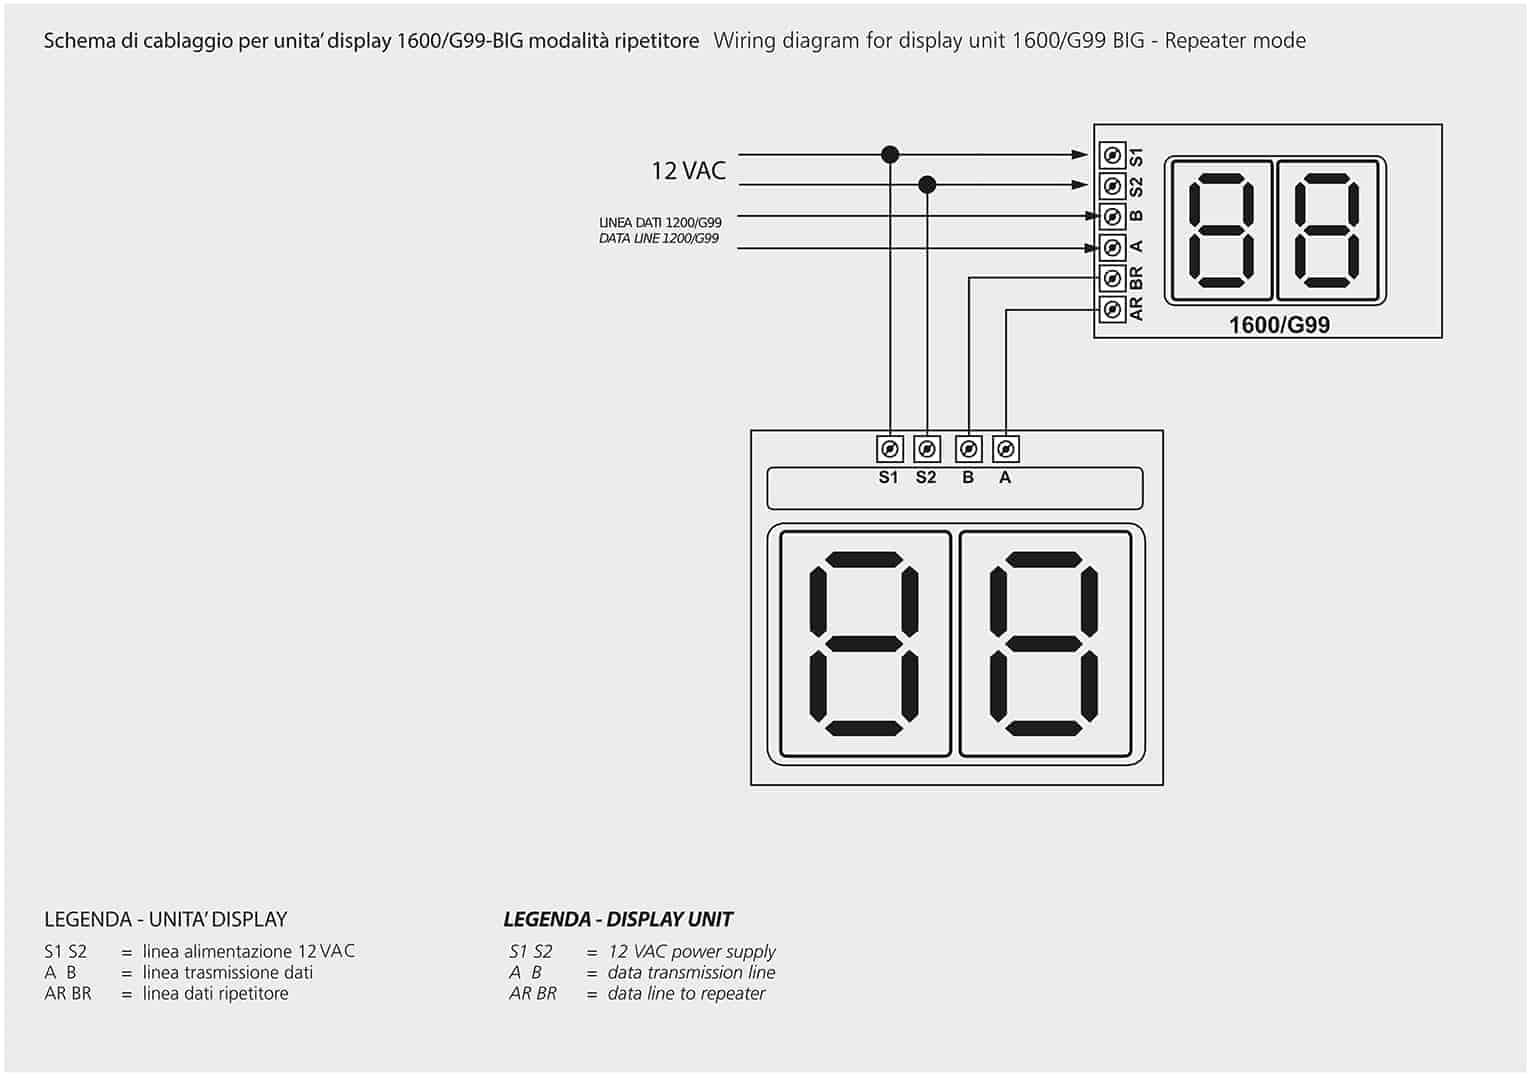 Schema Di Cablaggio : Schema di cablaggio per unita display g big modalita